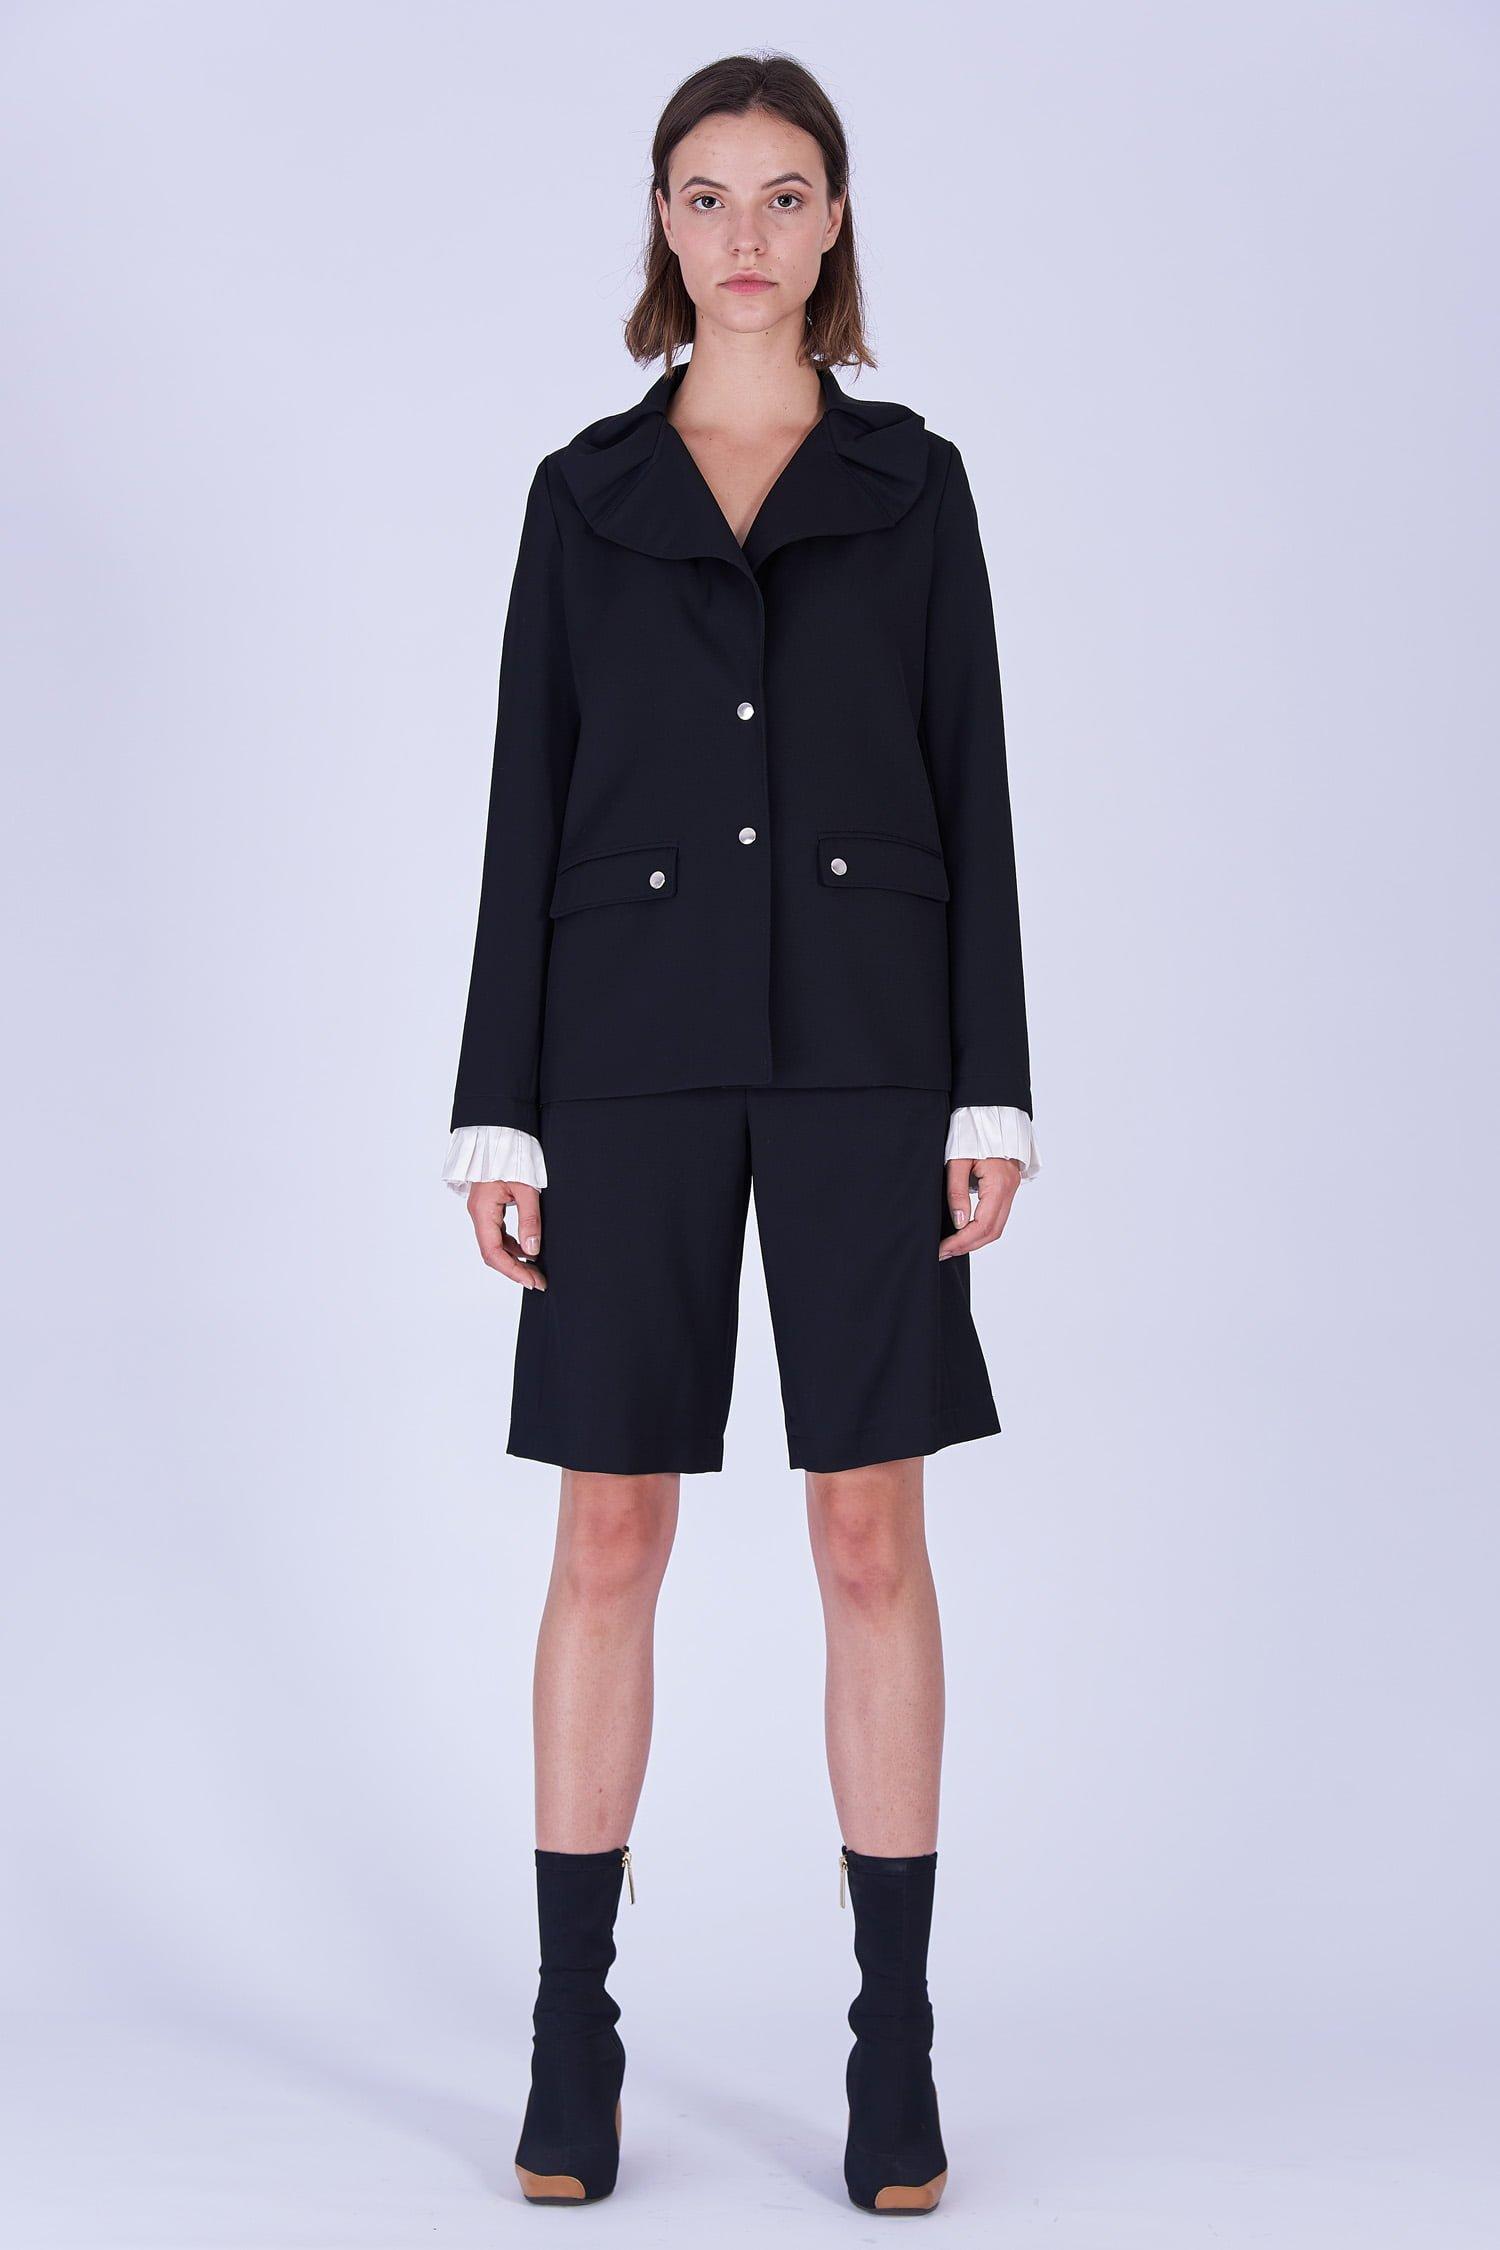 Acephala Fw19 20 Black Jacket Black Shorts Wool Czarna Kamizelka Czarne Szorty Welna Front 1